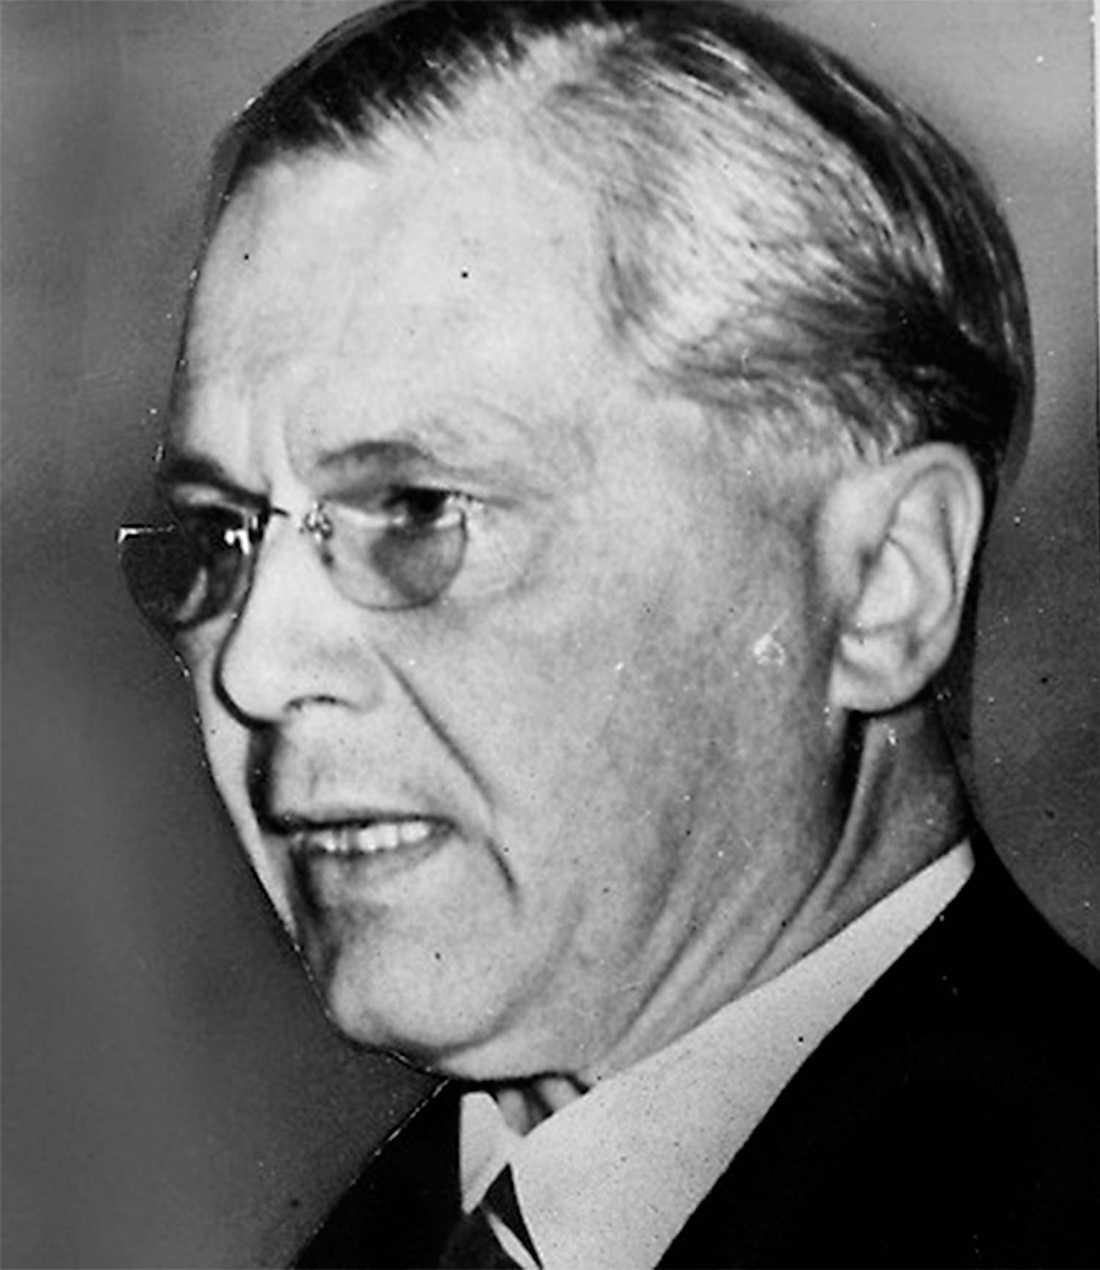 Gösta Bagge högerledaren, regerar med nationalsocialisterna.